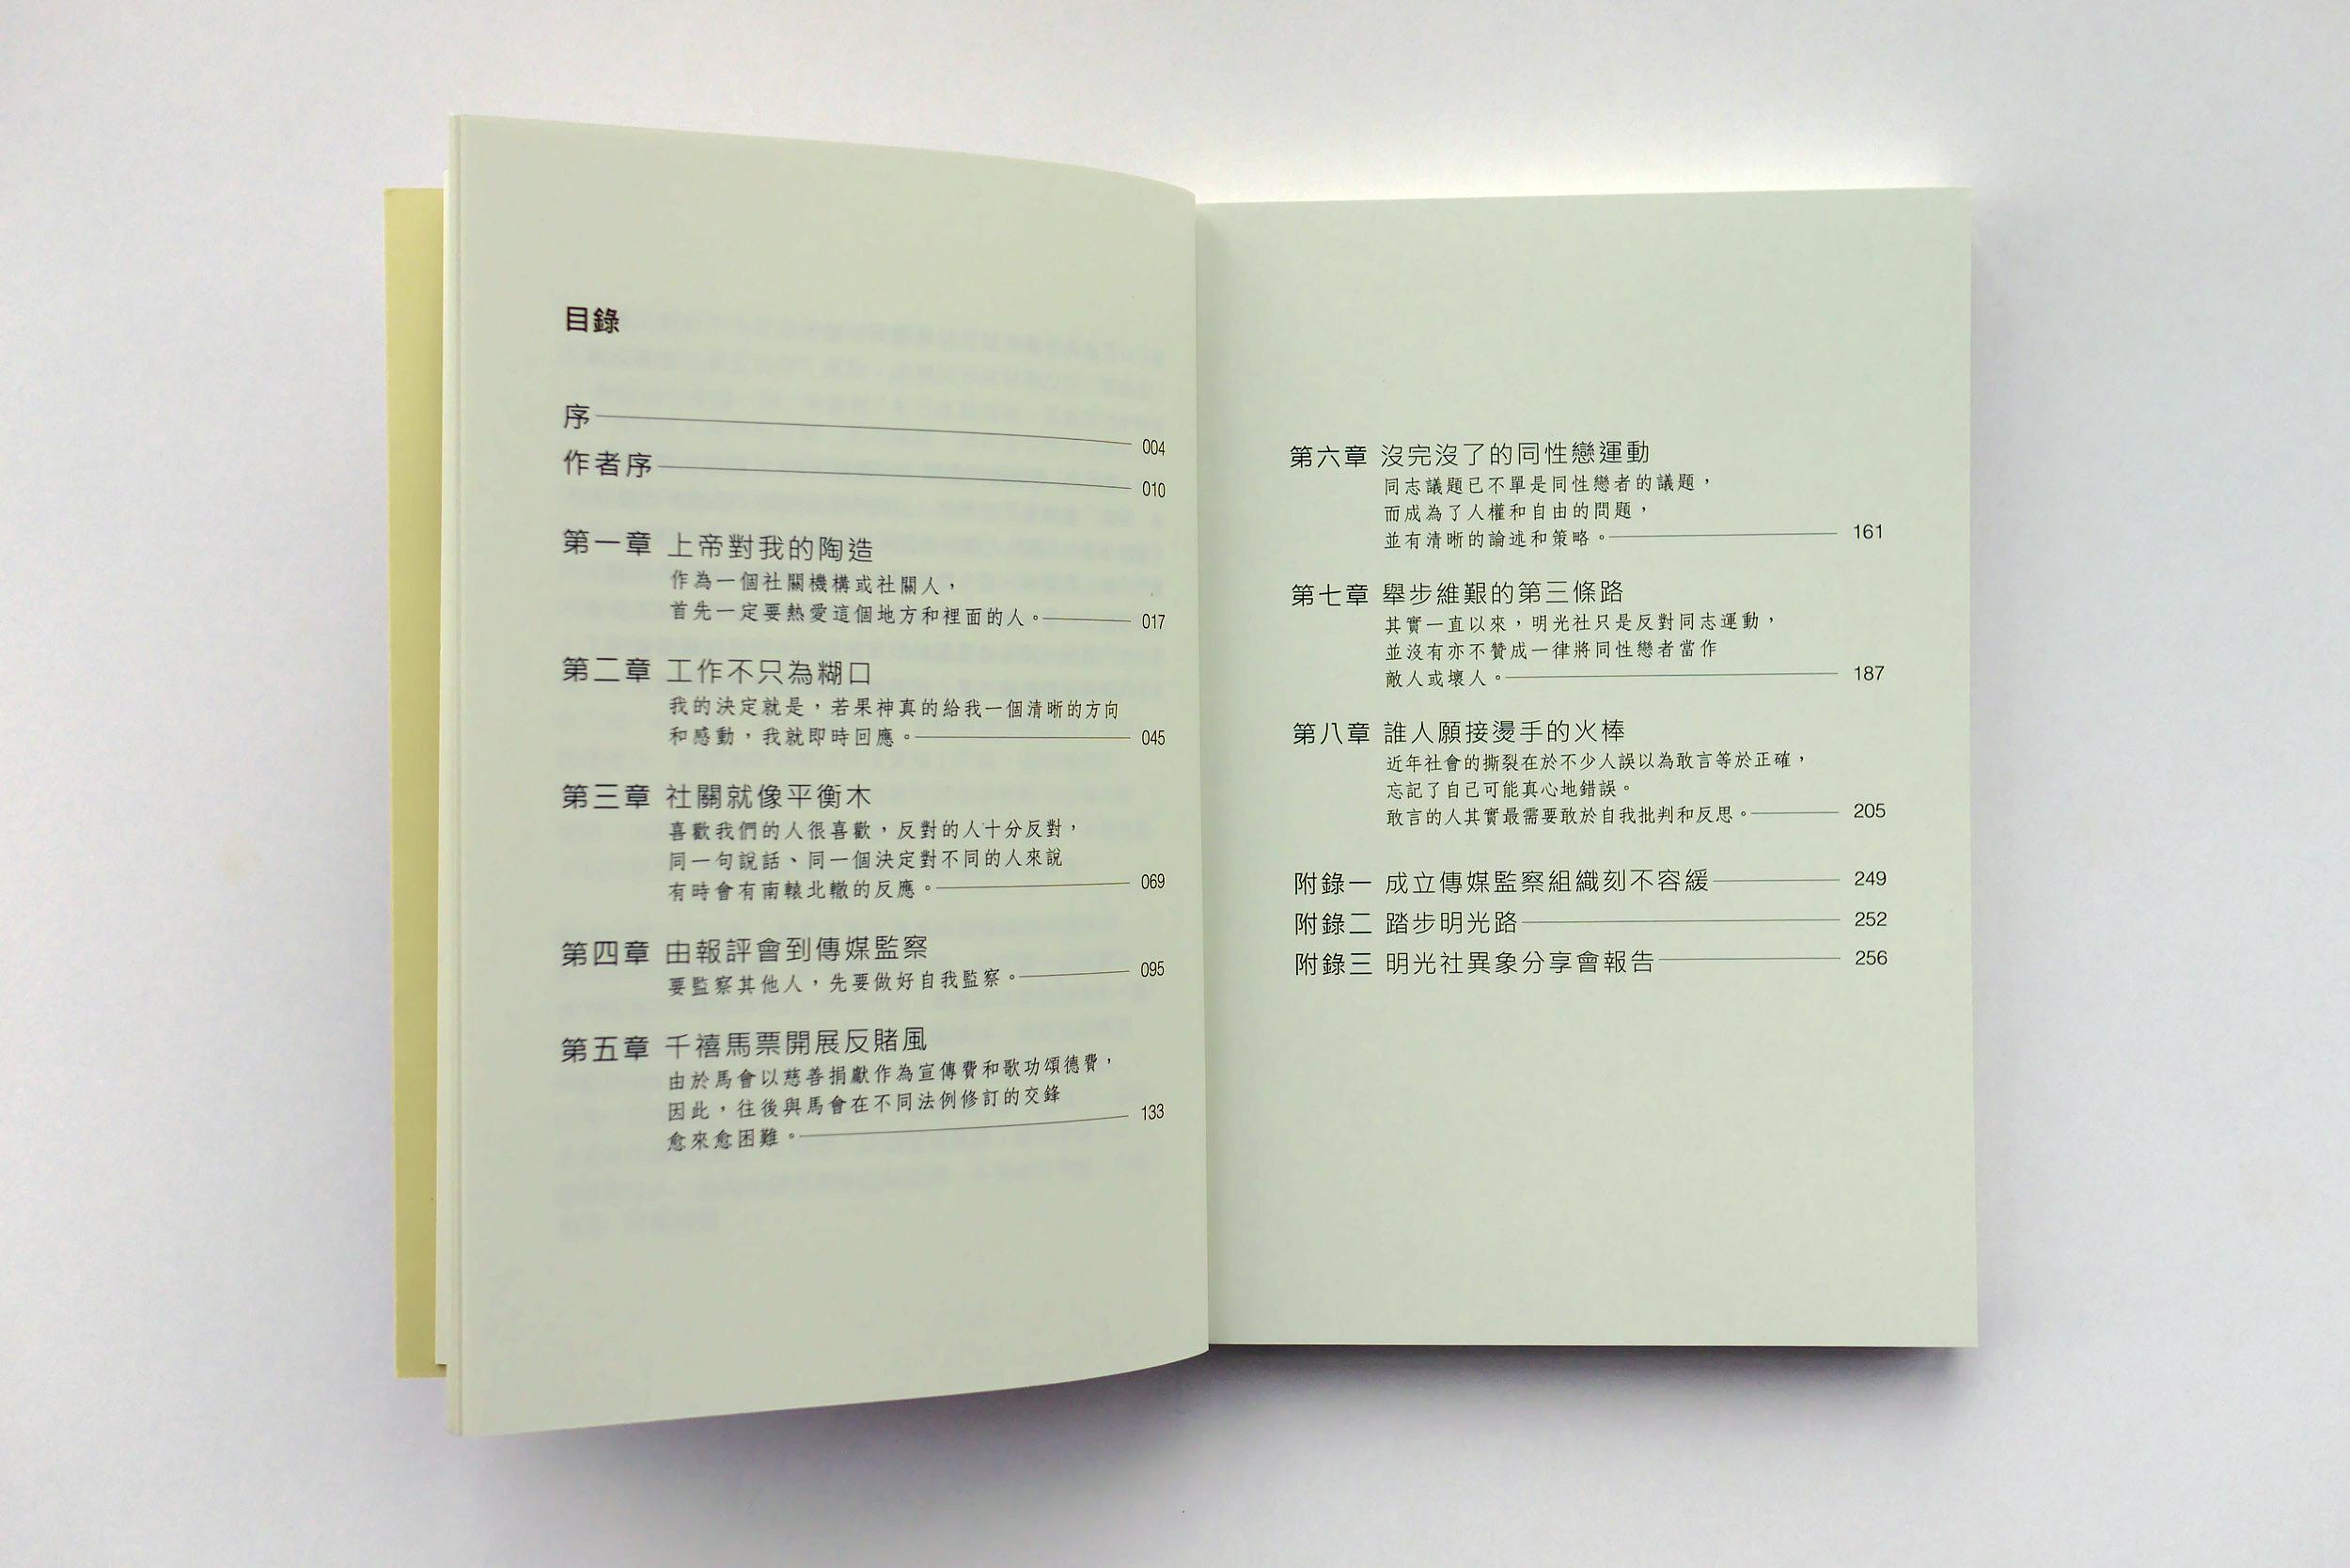 TLBook1.jpg